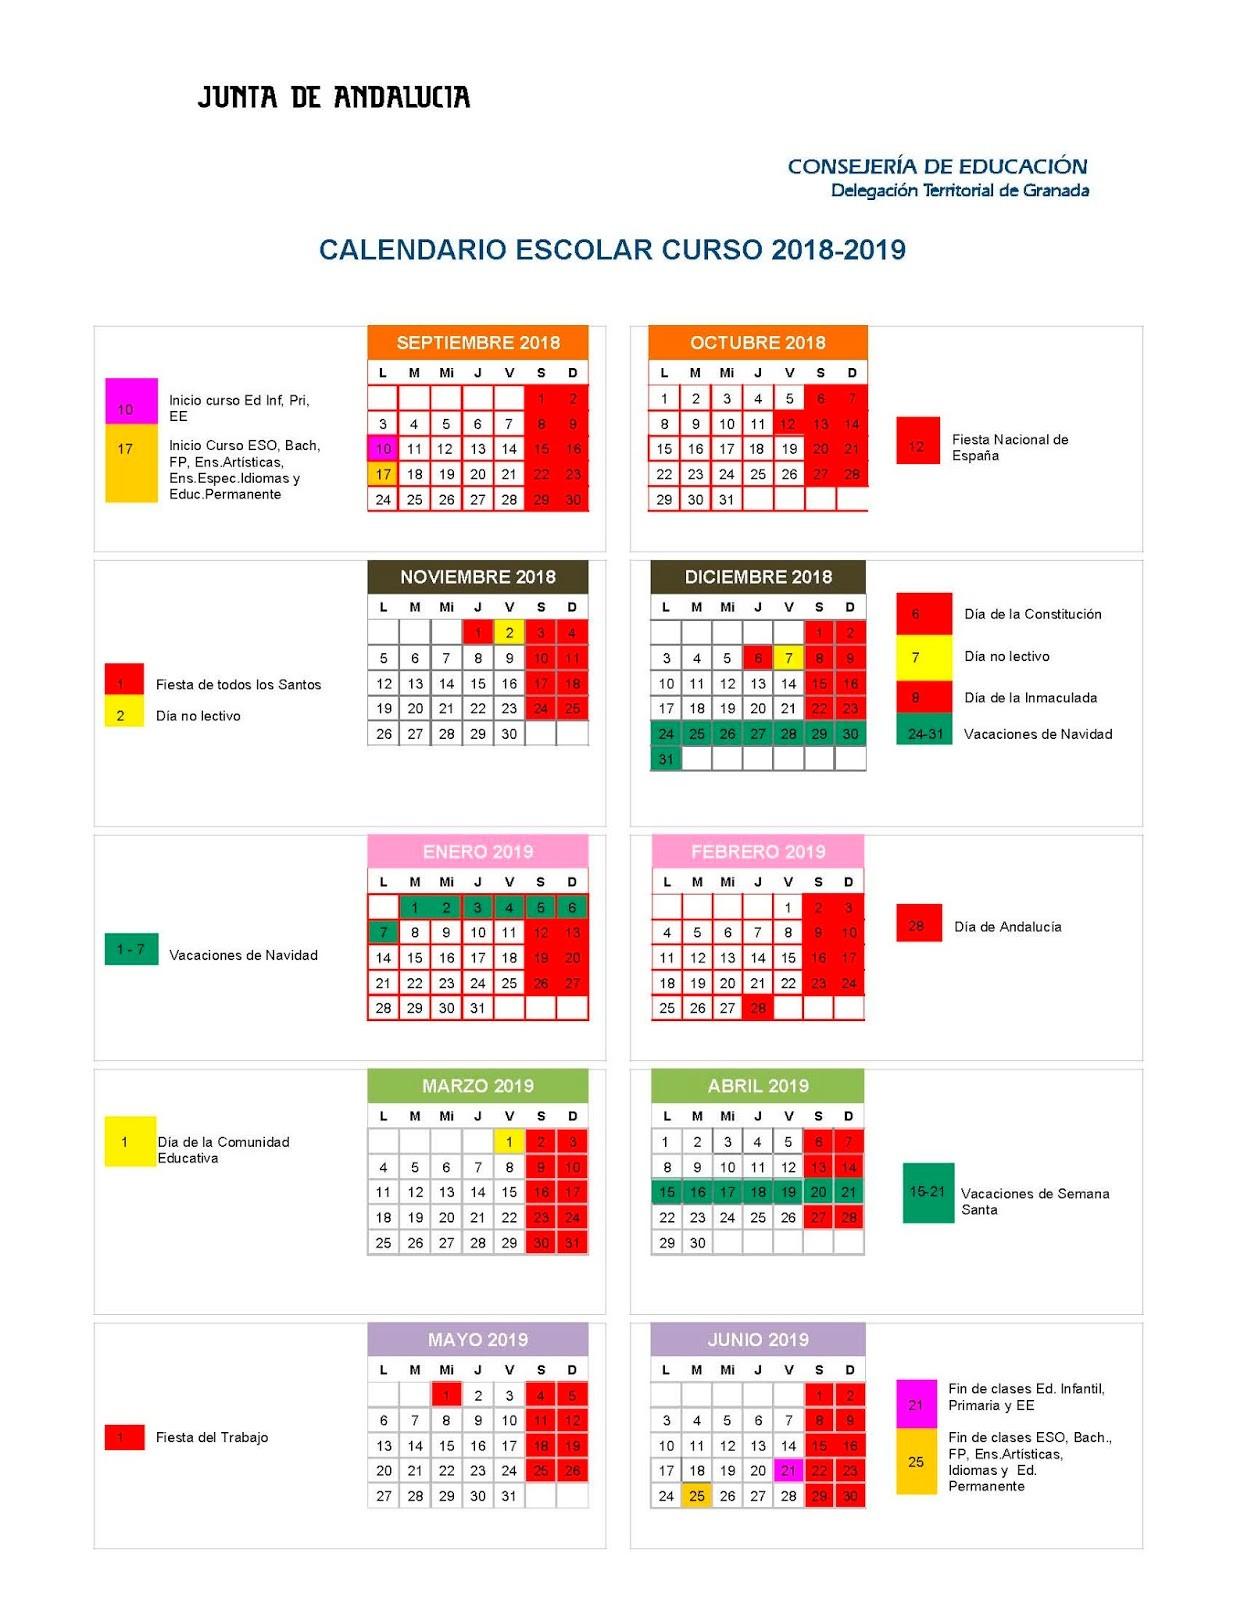 Calendario 2019 Con Festivos Marcados Más Arriba-a-fecha Nuestro Colegio Calendario Escolar 2018 2019